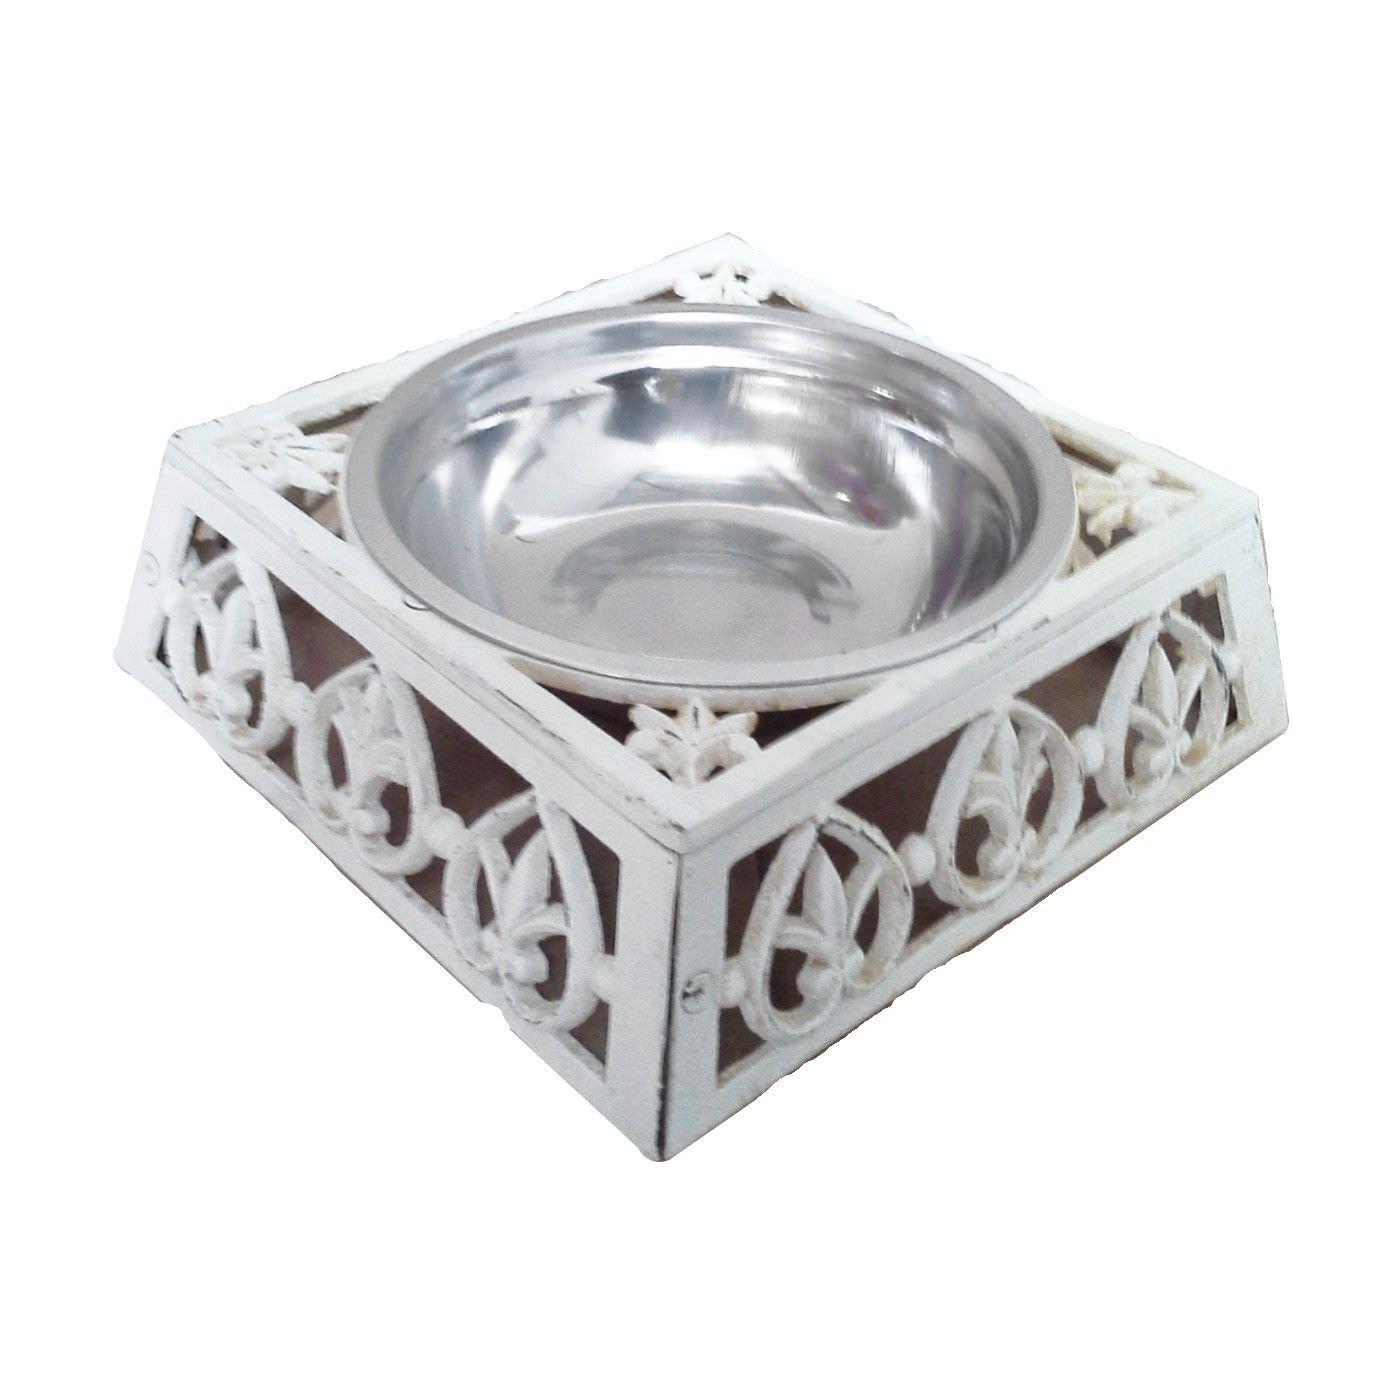 Curra Cast Iron Pet Bowl, Large, Antique Whtie